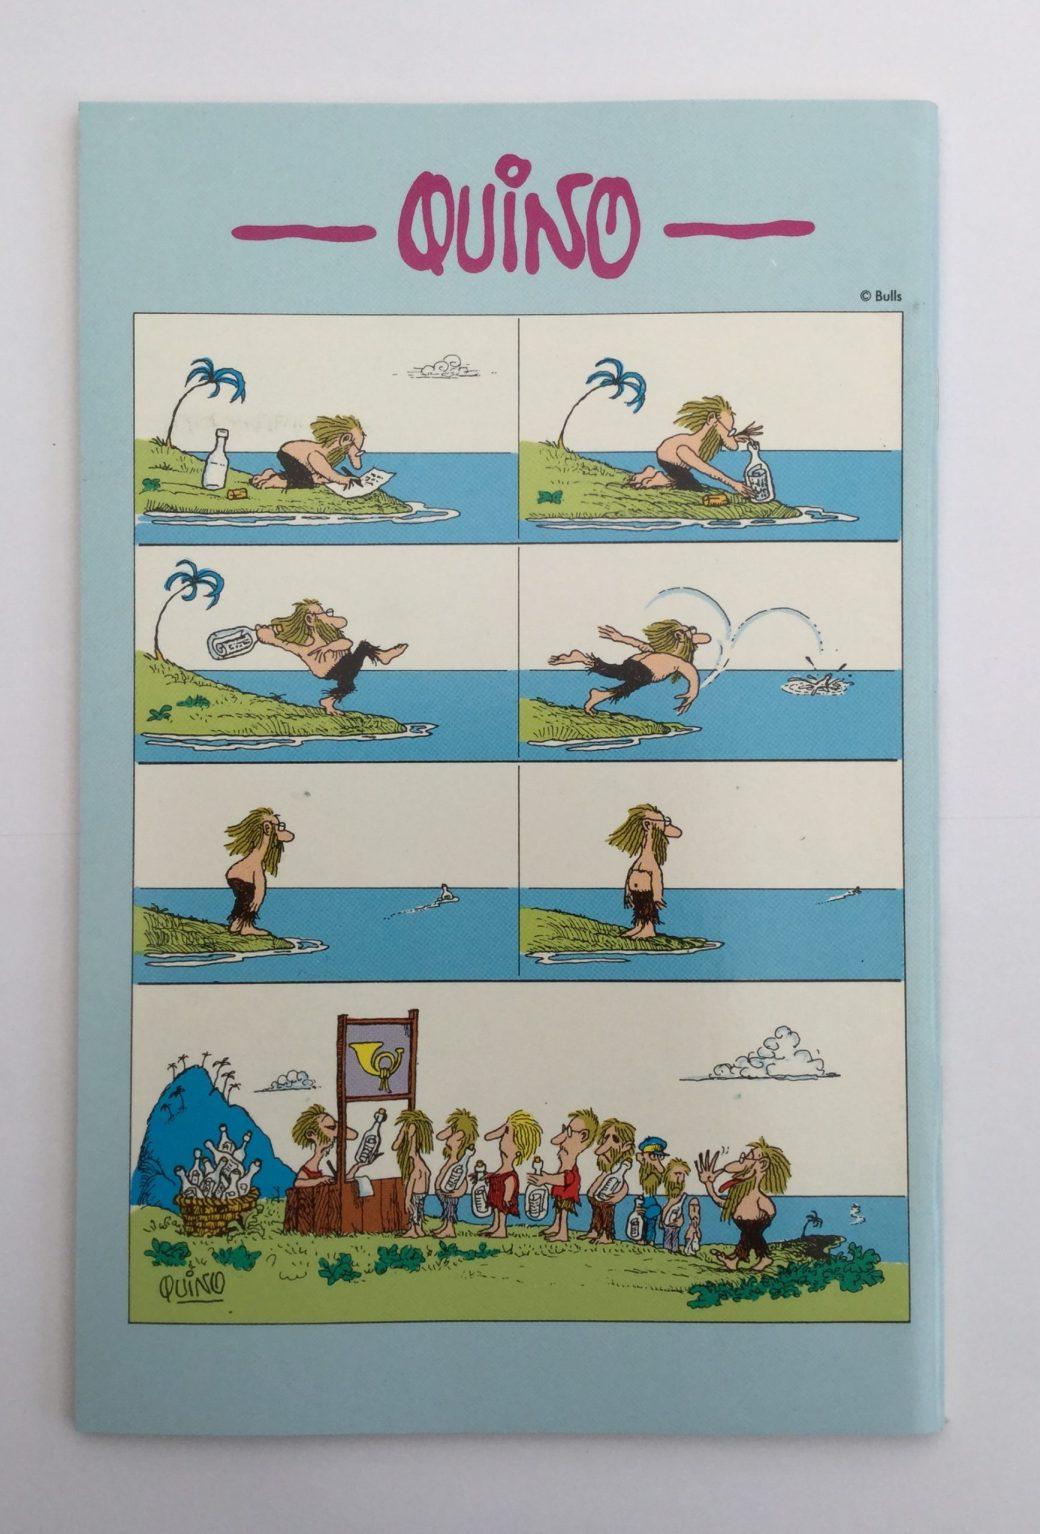 Quino i Seriepressen nr 5, 1993